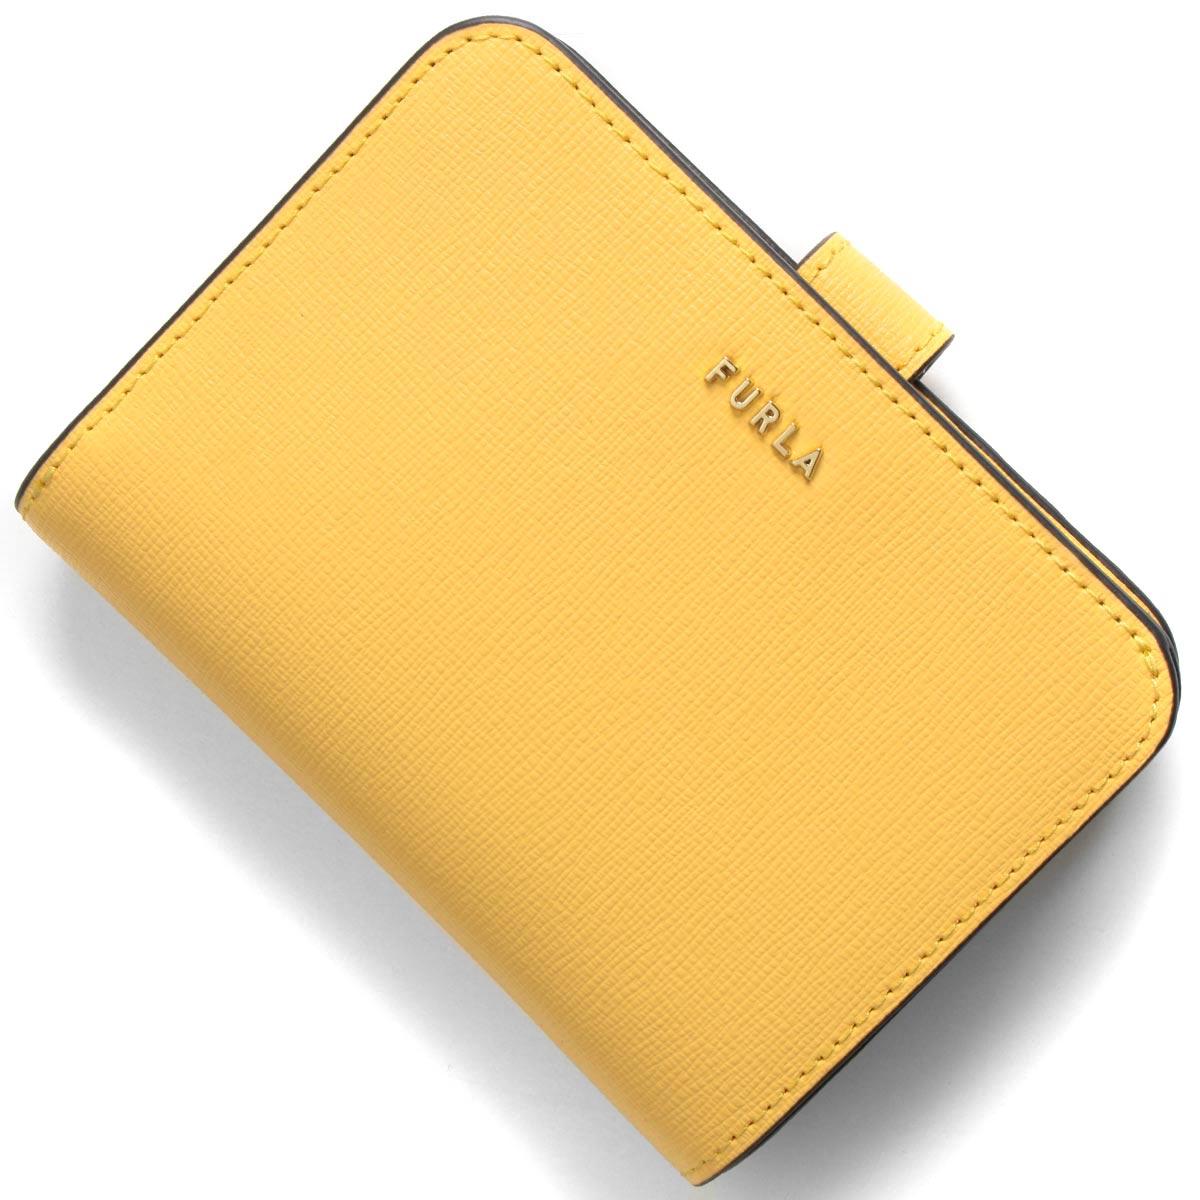 フルラ 二つ折り財布 財布 レディース バビロン スモール ソールイエロー PCY0 B30 01A 1057111 FURLA